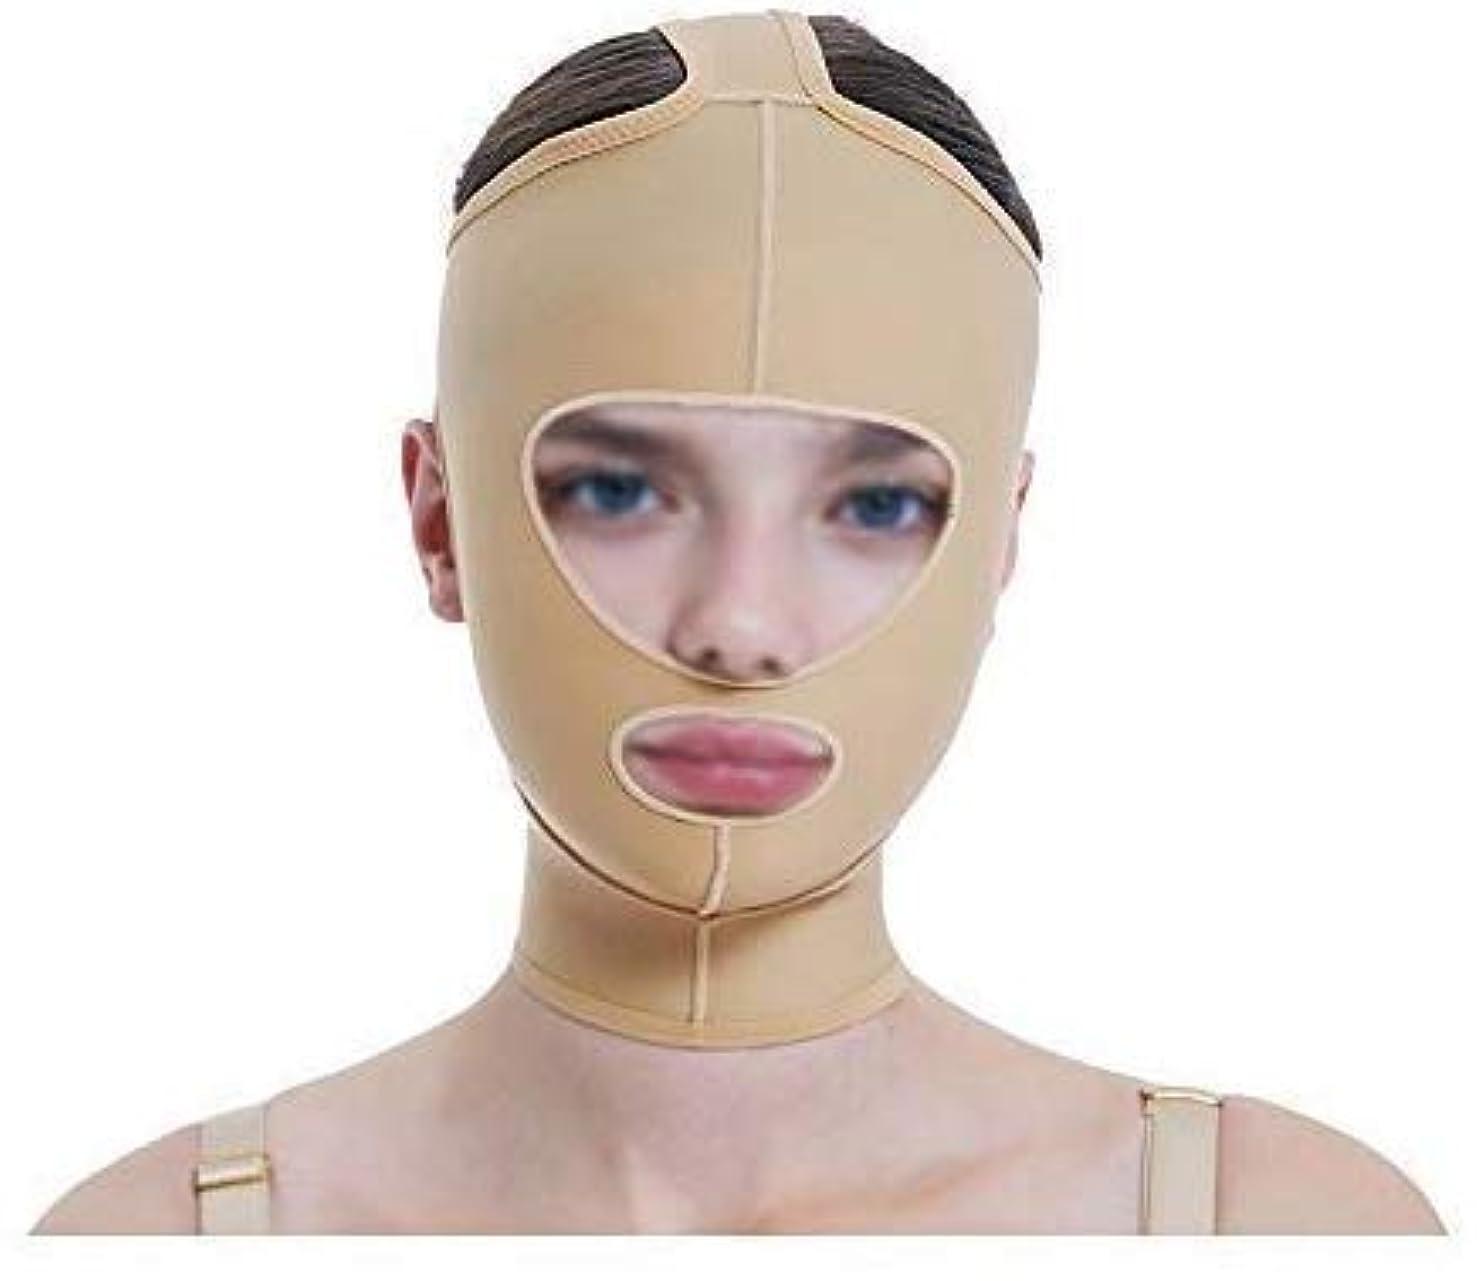 欠如透過性泥沼Slim身Vフェイスマスク、顔と首のリフト、減量フェイスマスク顔彫刻顔弾性セット薄い二重あごアーティファクトV顔ビーム顔(サイズ:L)